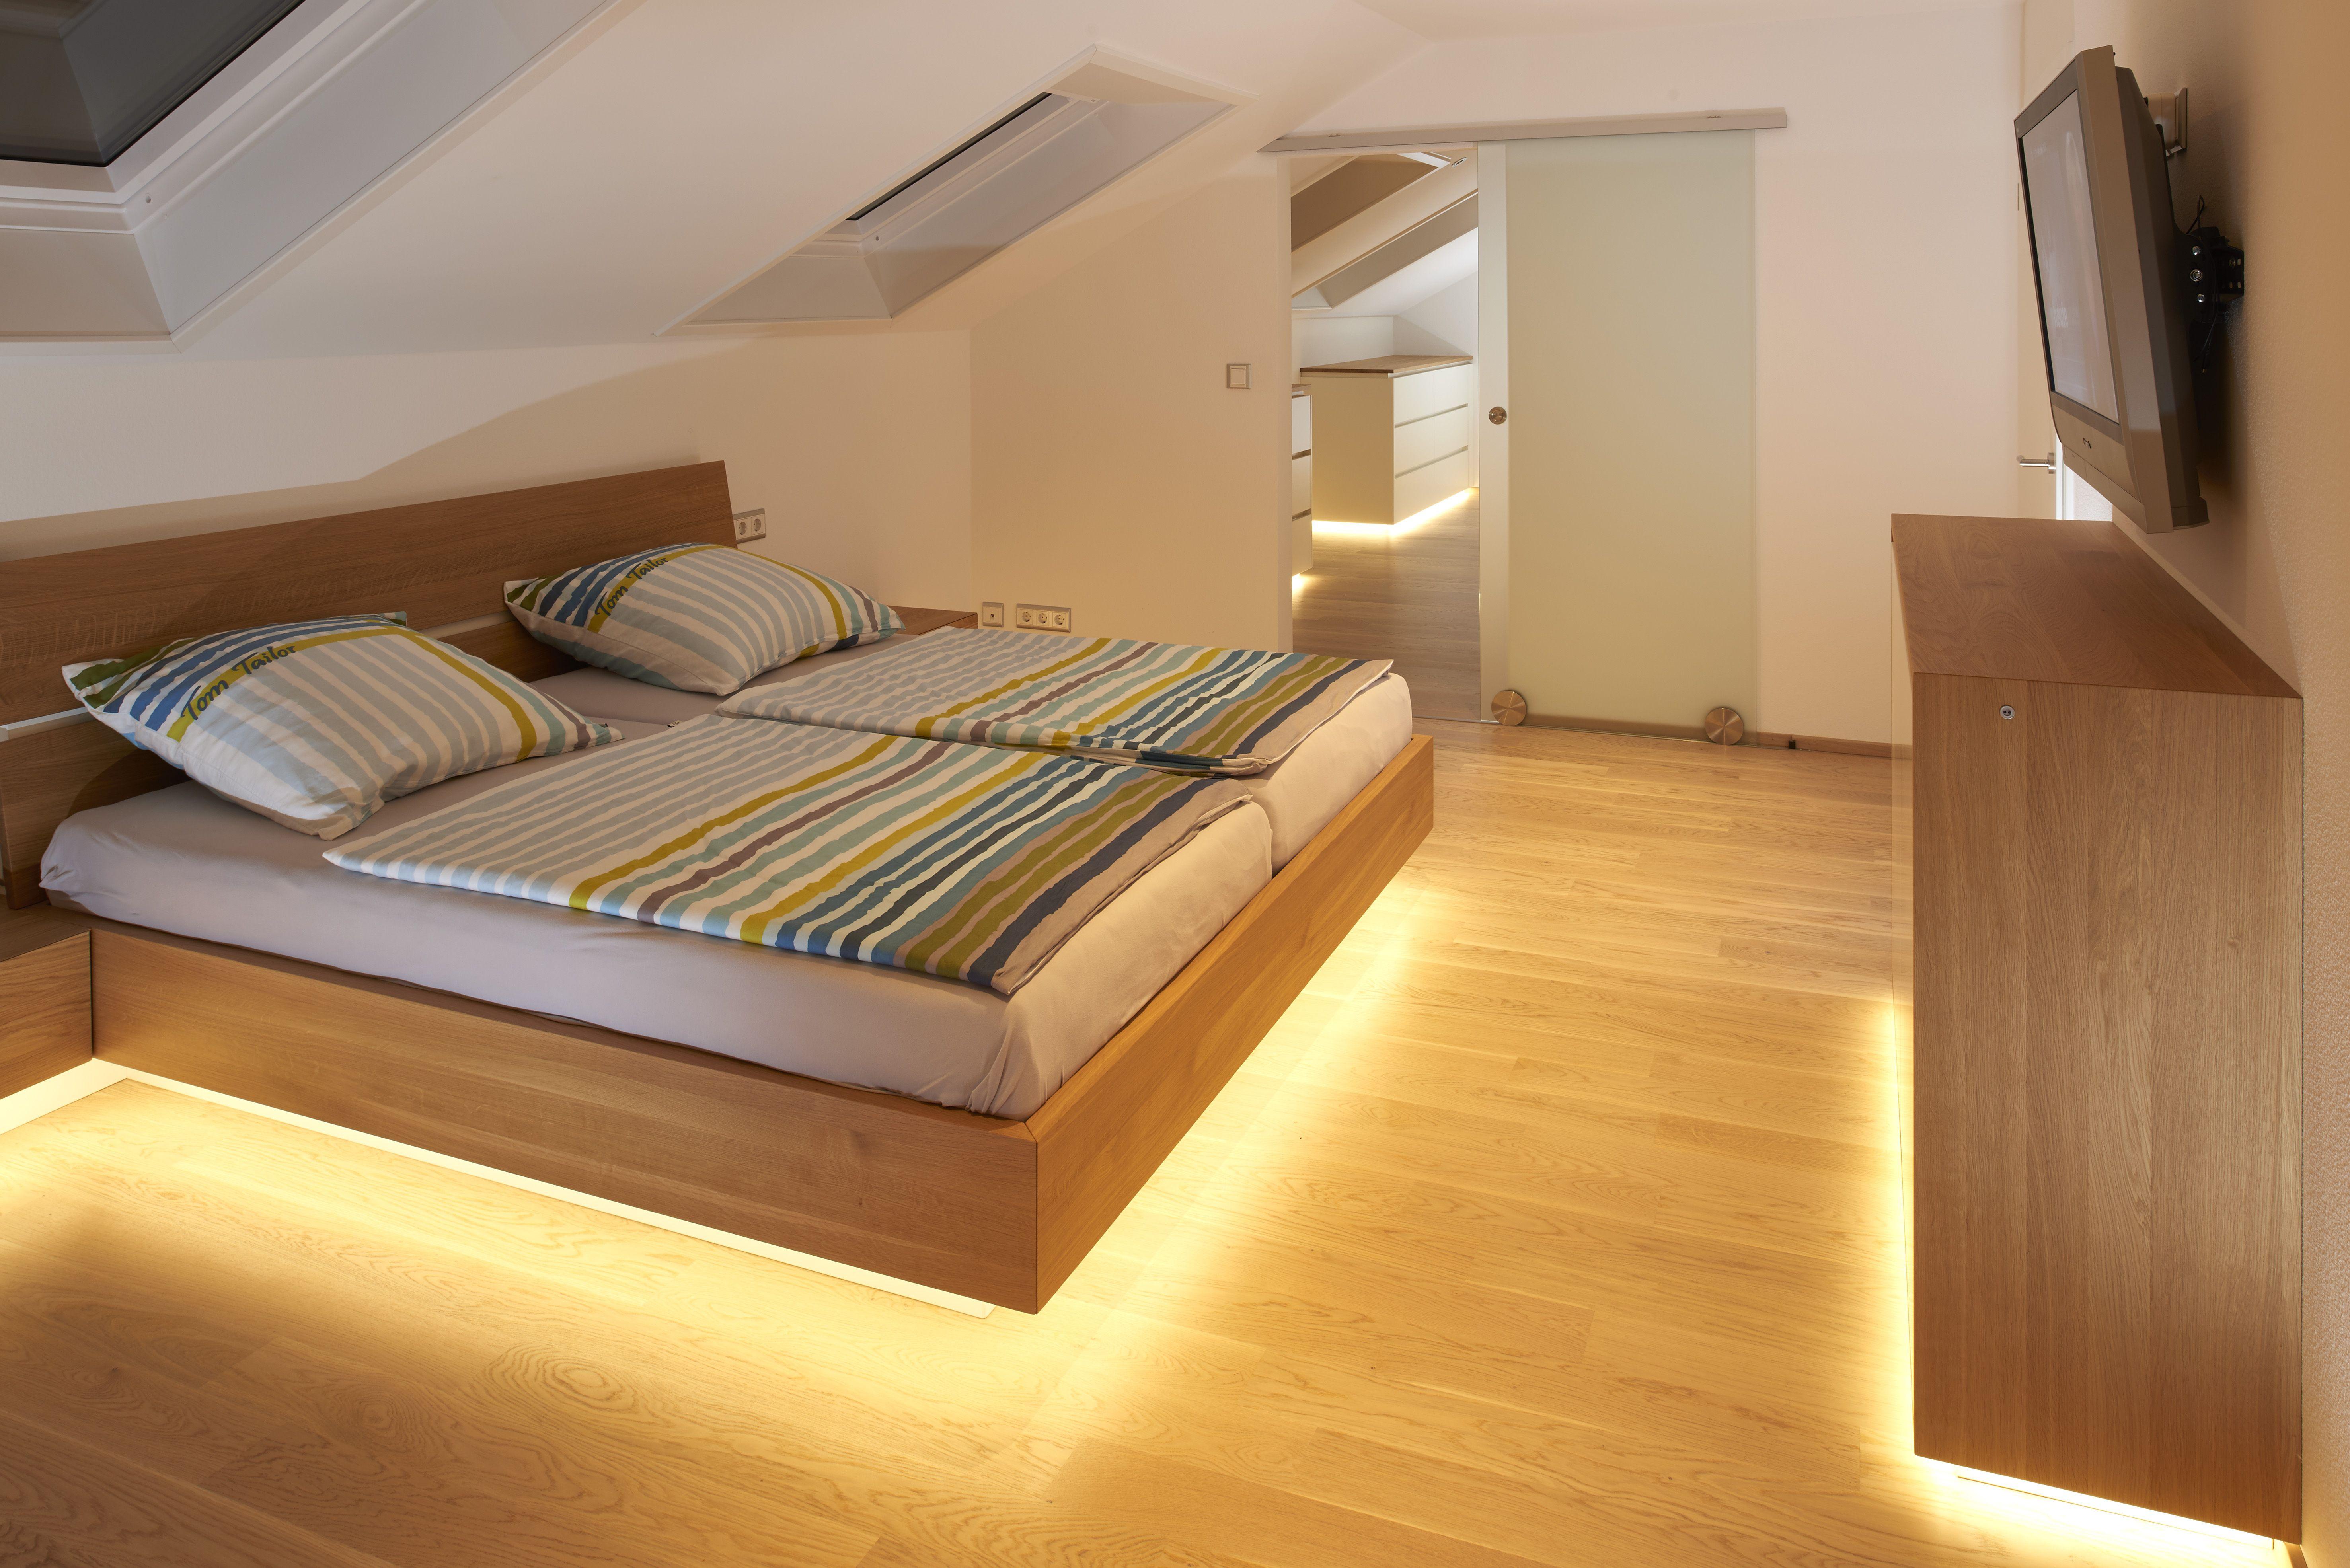 Das Schlafzimmer Dieses Projektes Ist Durch Den Einsatz Von Eiche Massivholz Charakterisiert Nachttische Sideboards Und Bettrahmen Ideen Schlafzimmer Zimmer